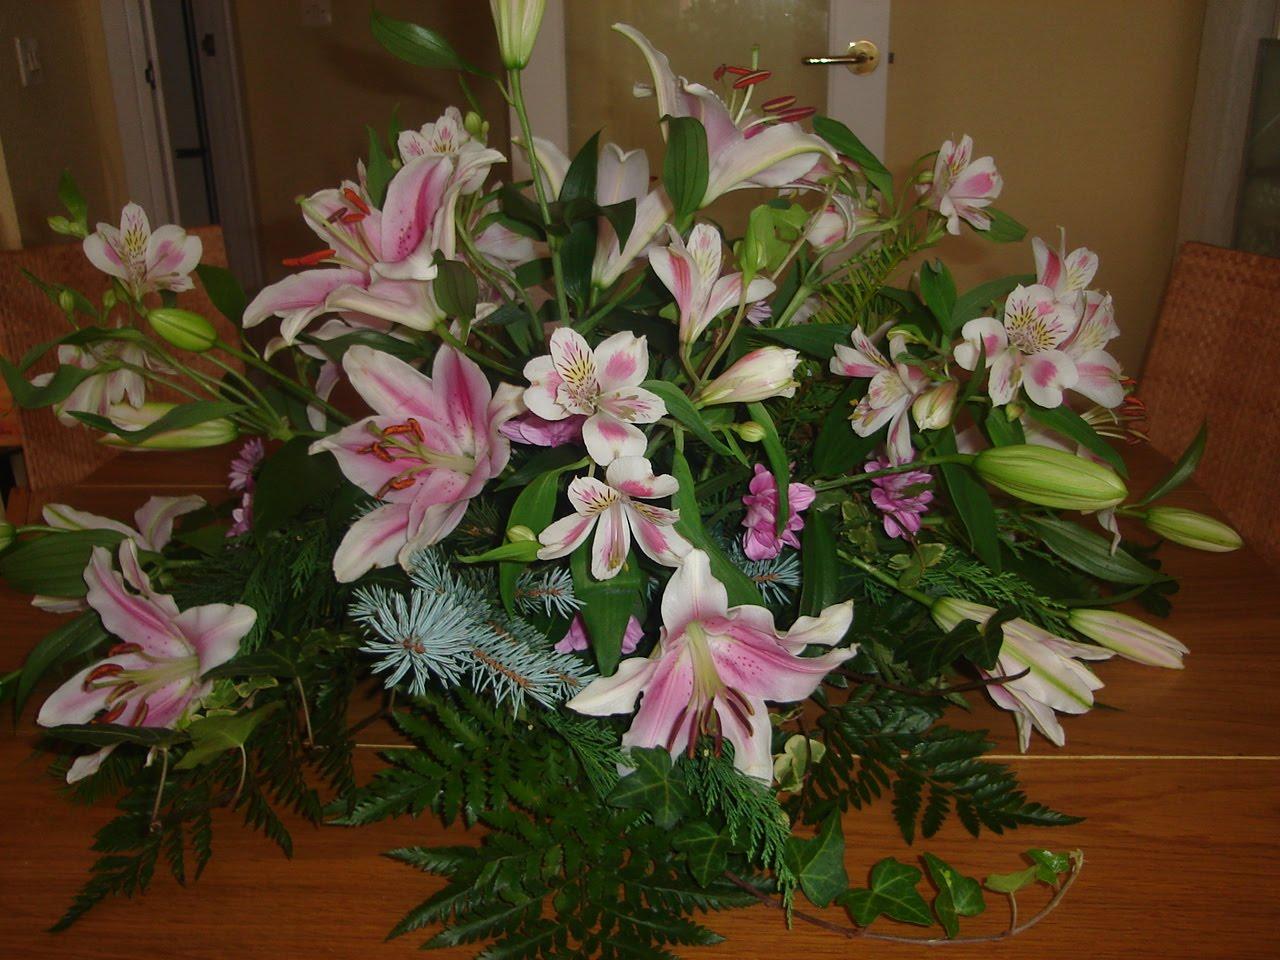 Flores naturales centro con lilium y alstroemerias - Centro de flores naturales ...